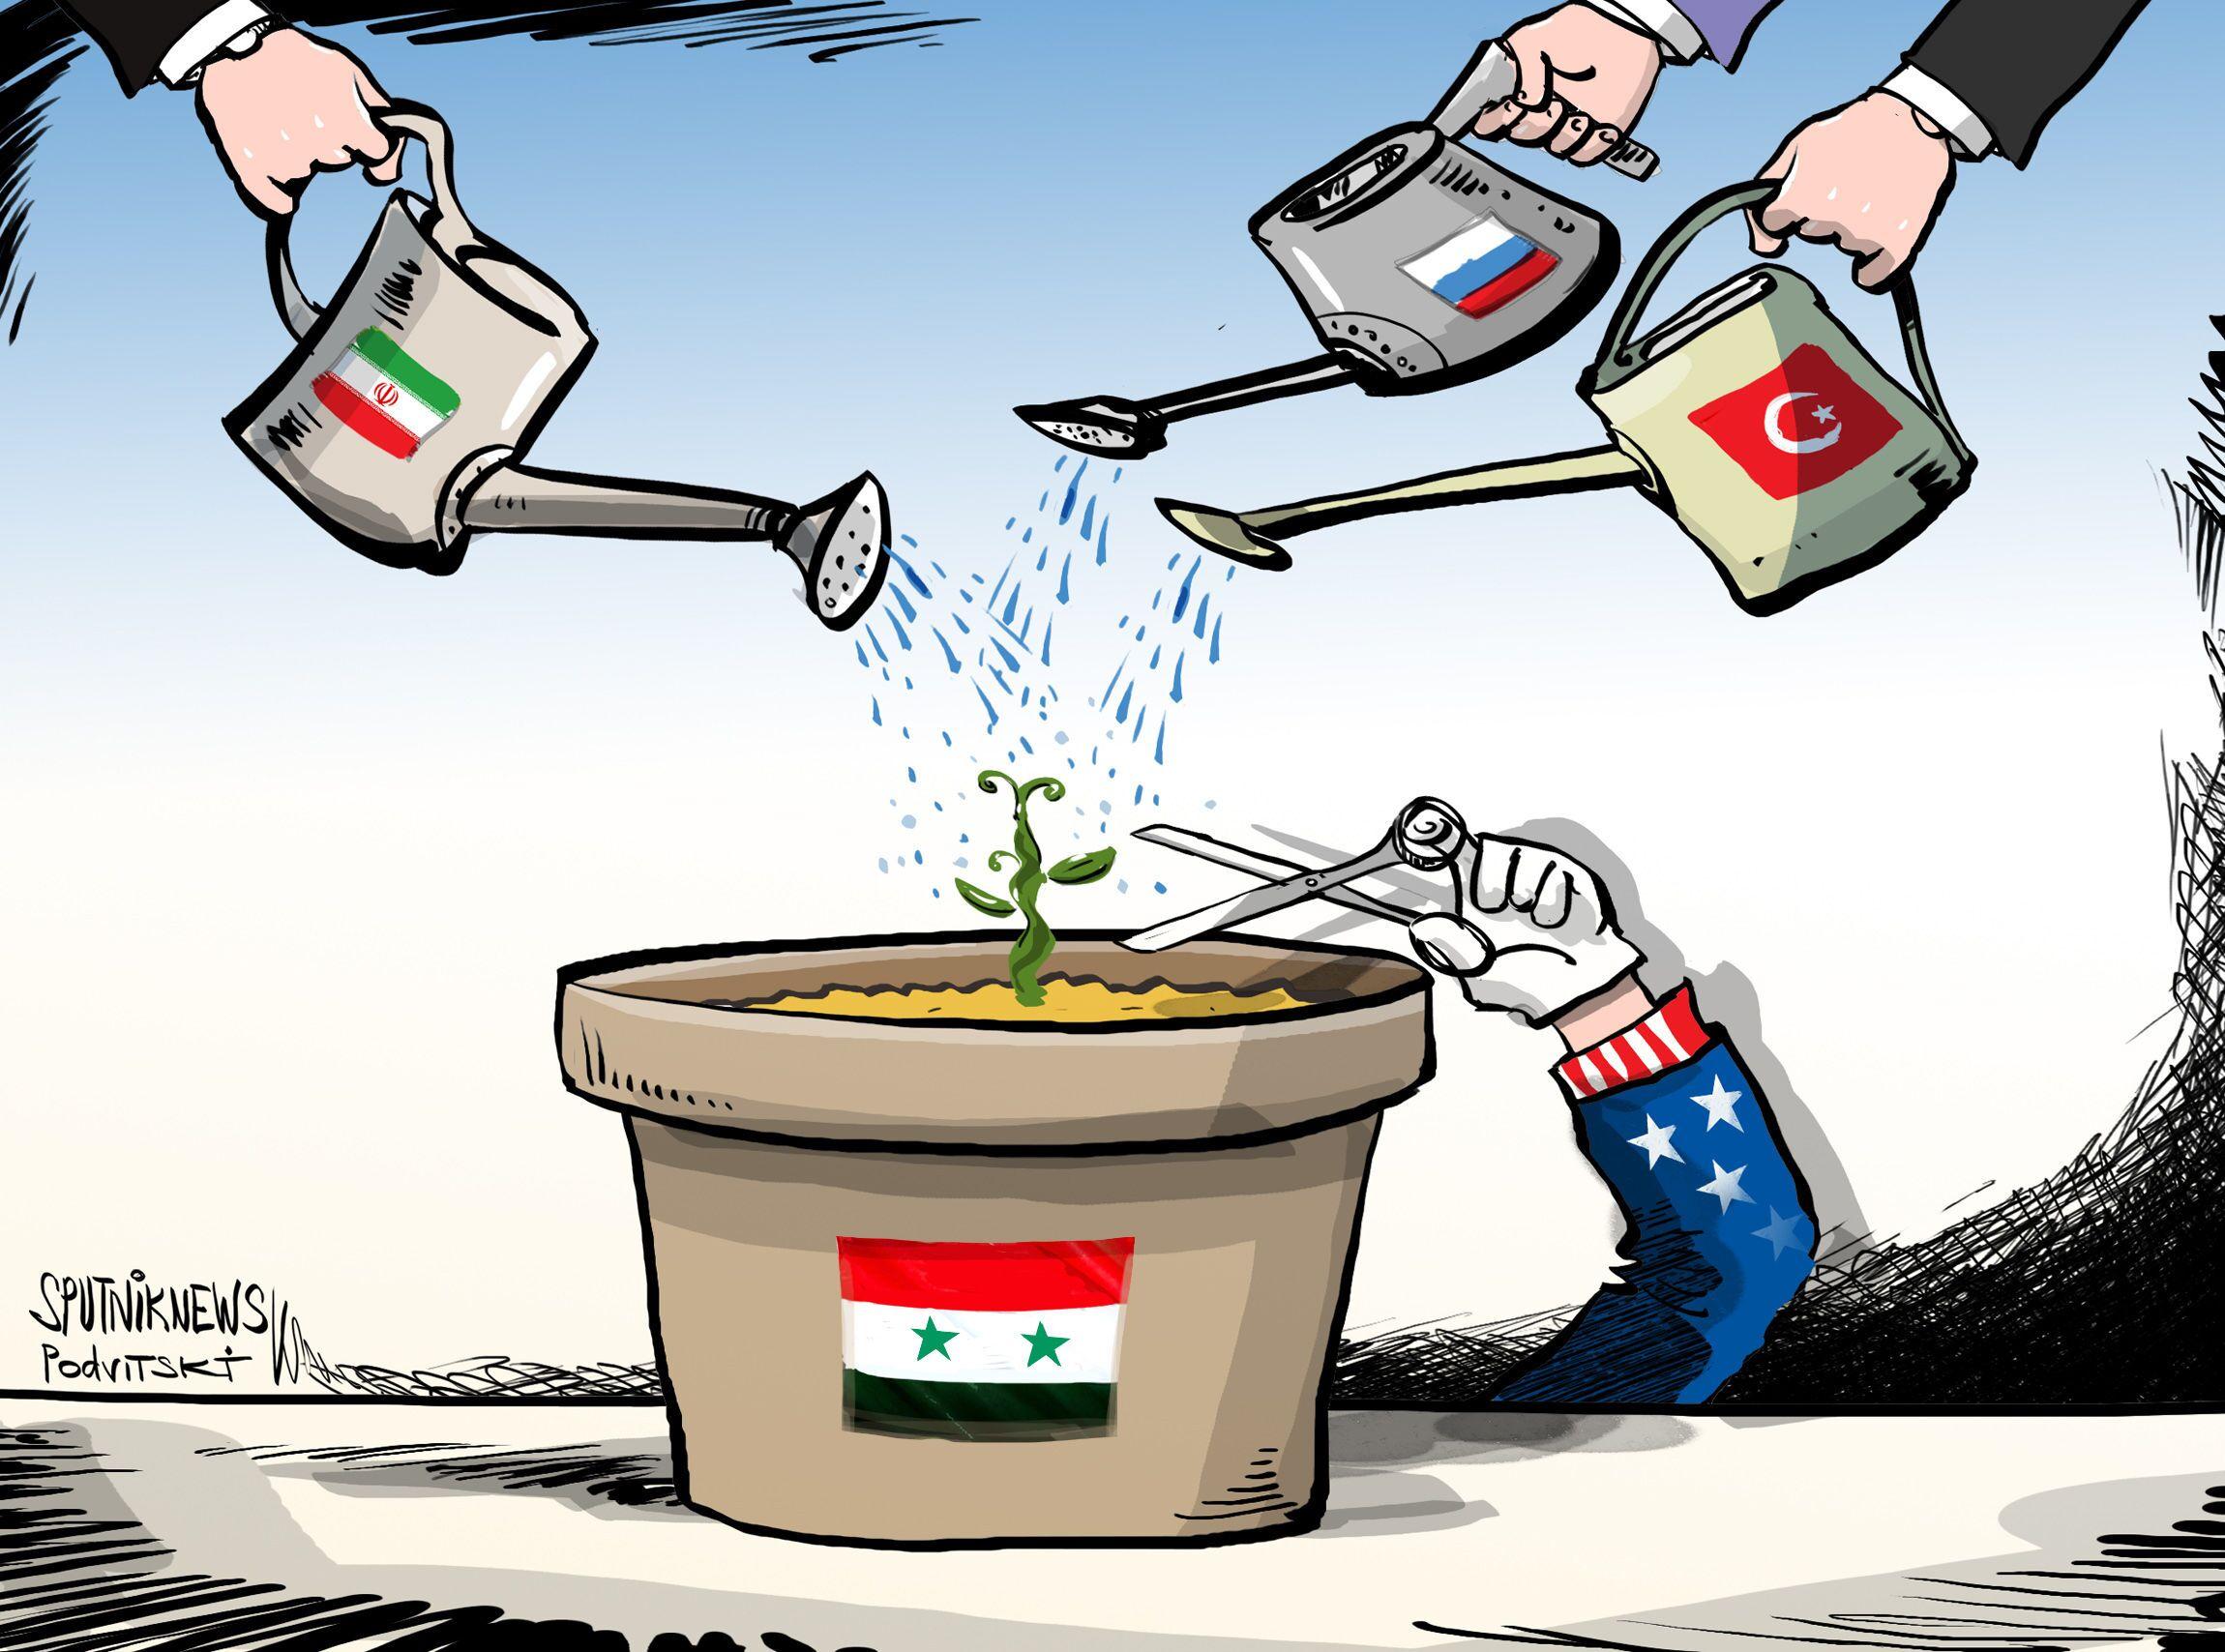 أمريكا ترفض تلبية دعوة روسيا للمشاركة في مباحثات أستانا حول سوريا